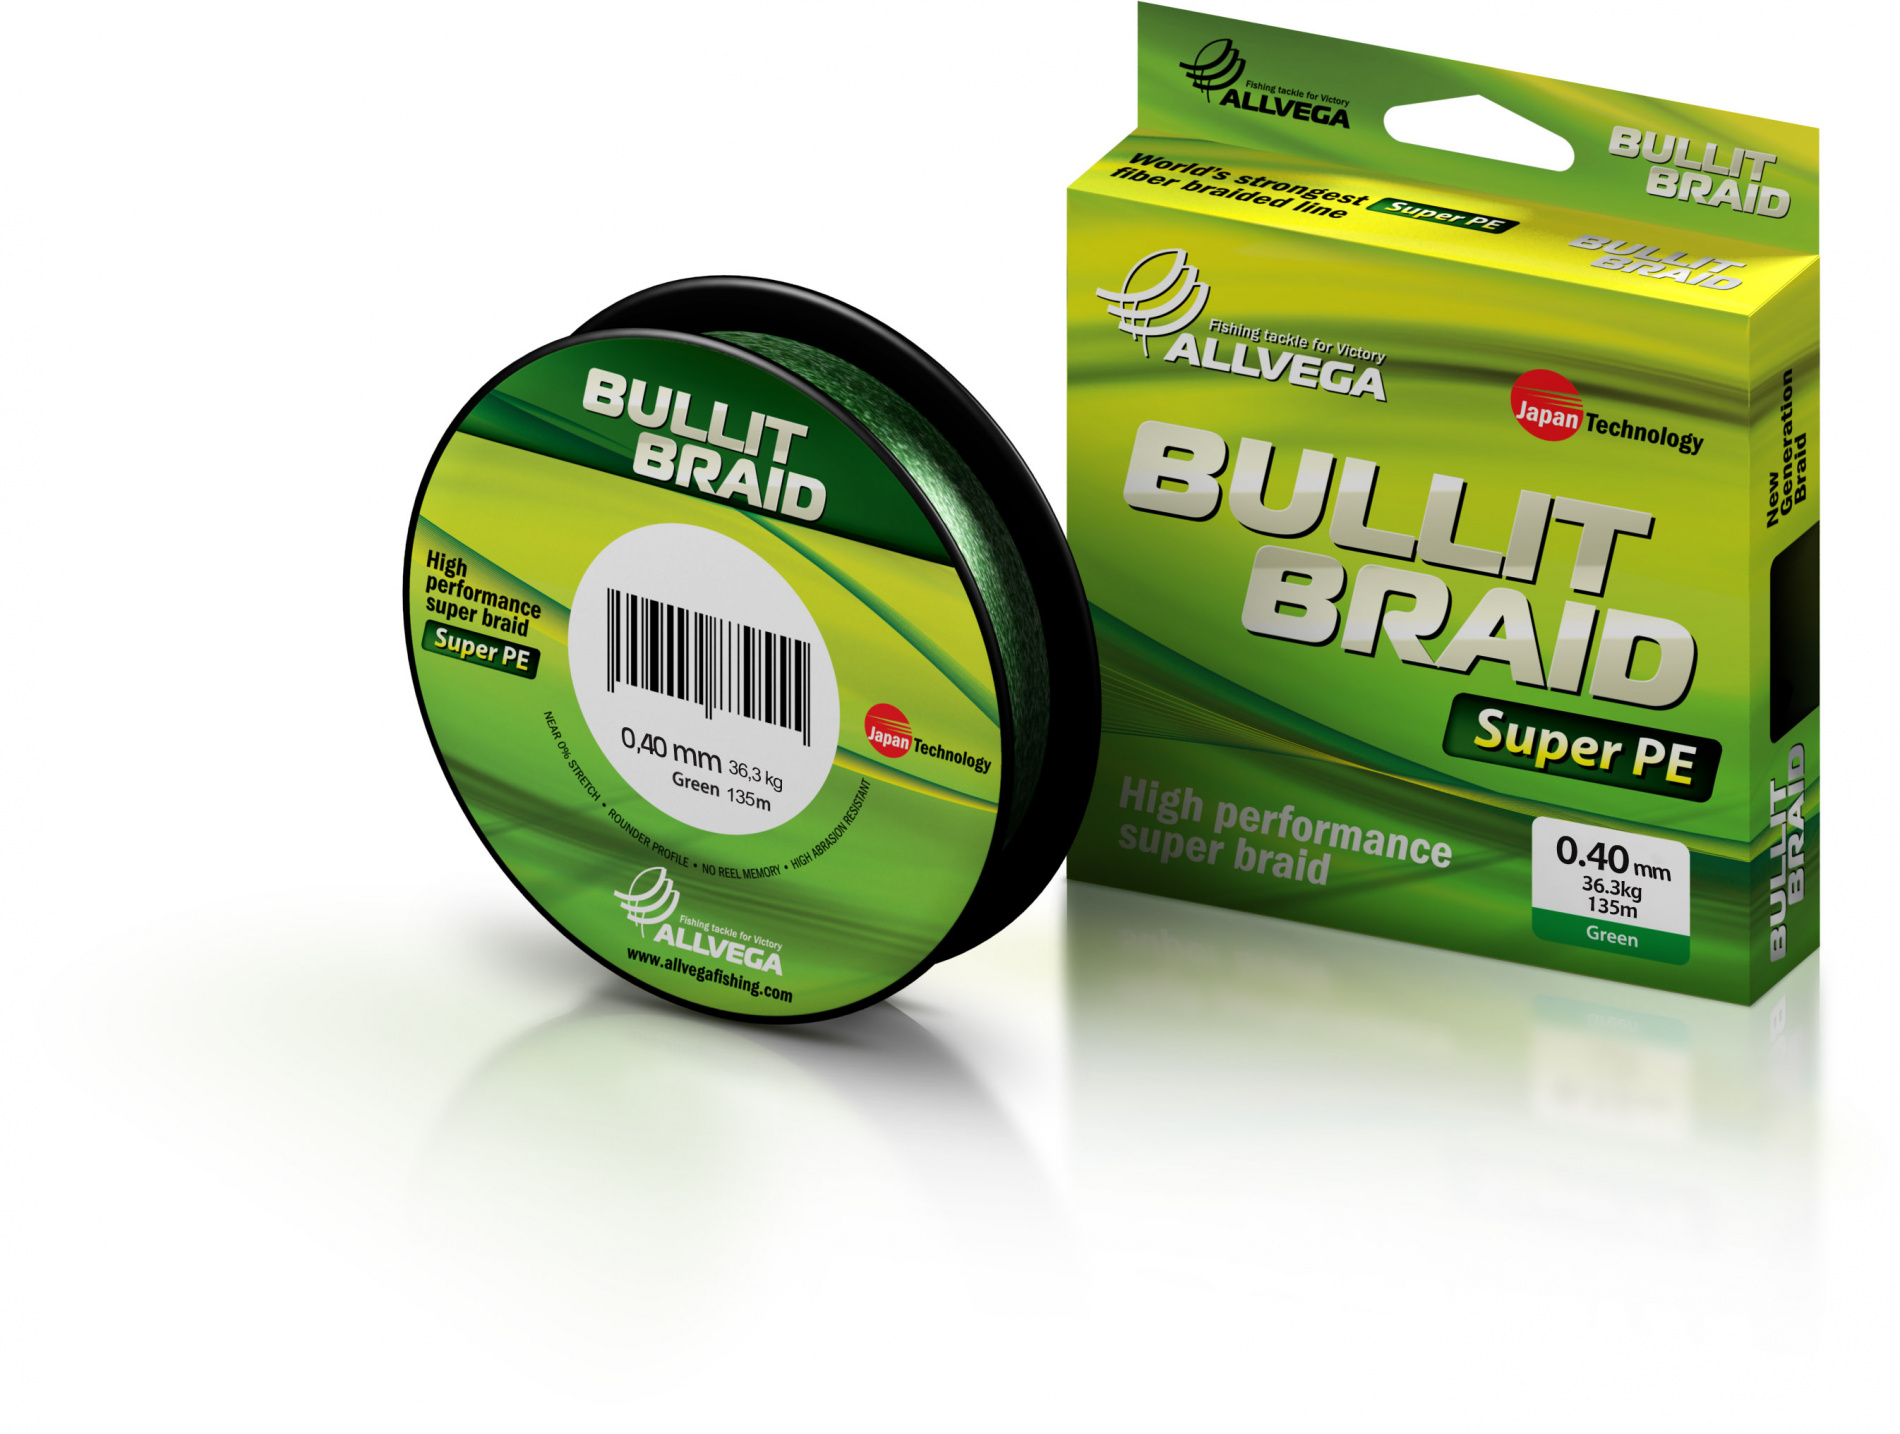 Леска плетеная ALLVEGA Bullit Braid 135м 0,40мм 36,3кг Леска плетеная<br>Леска BULLIT BRAID разработана с учетом новейших <br>японских технологий в сфере строения волокон. <br>Благодаря микроволокнам полиэтилена (Super <br>PE) леска имеет очень плотное плетение, не <br>впитывает воду, имеет гладкую круглую поверхность <br>и одинаковое сечение по всей длине.<br>